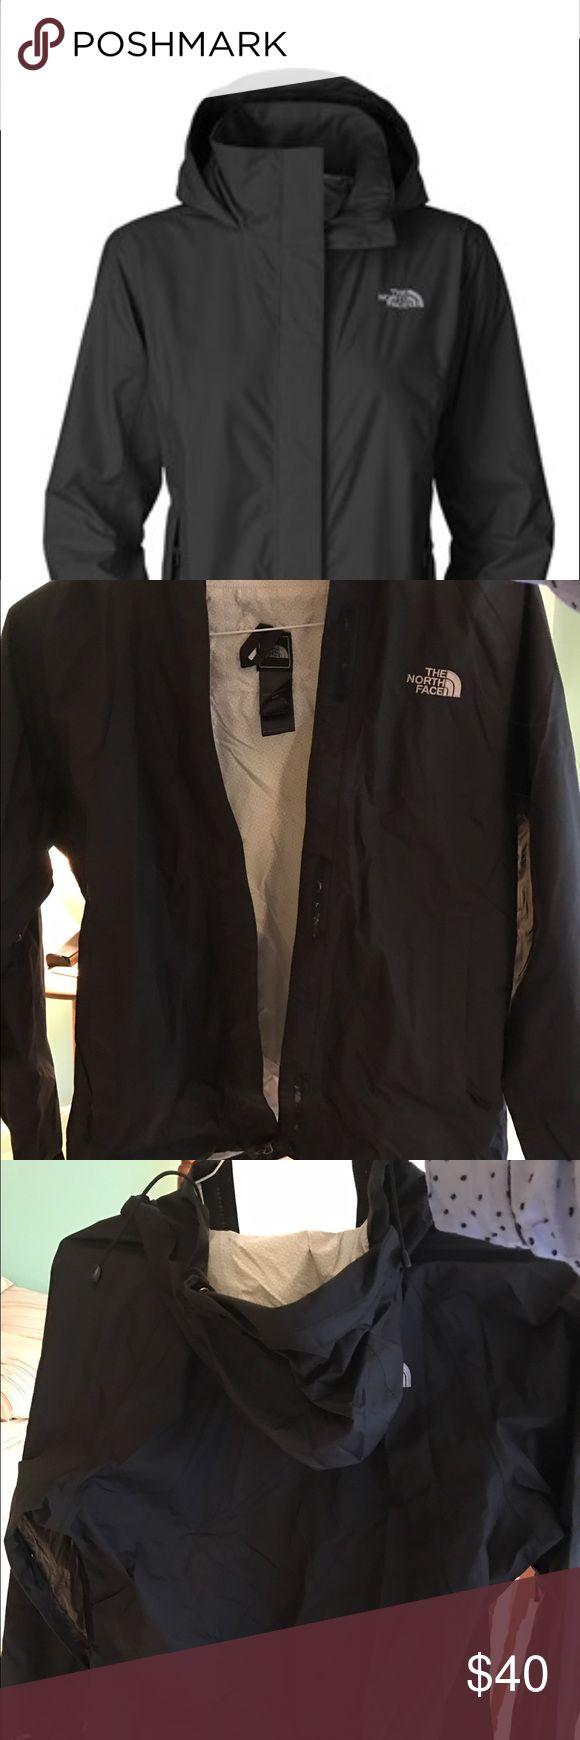 Women's Black North Face rain jacket Black hardy been worn women's rain jacket North Face Jackets & Coats Trench Coats